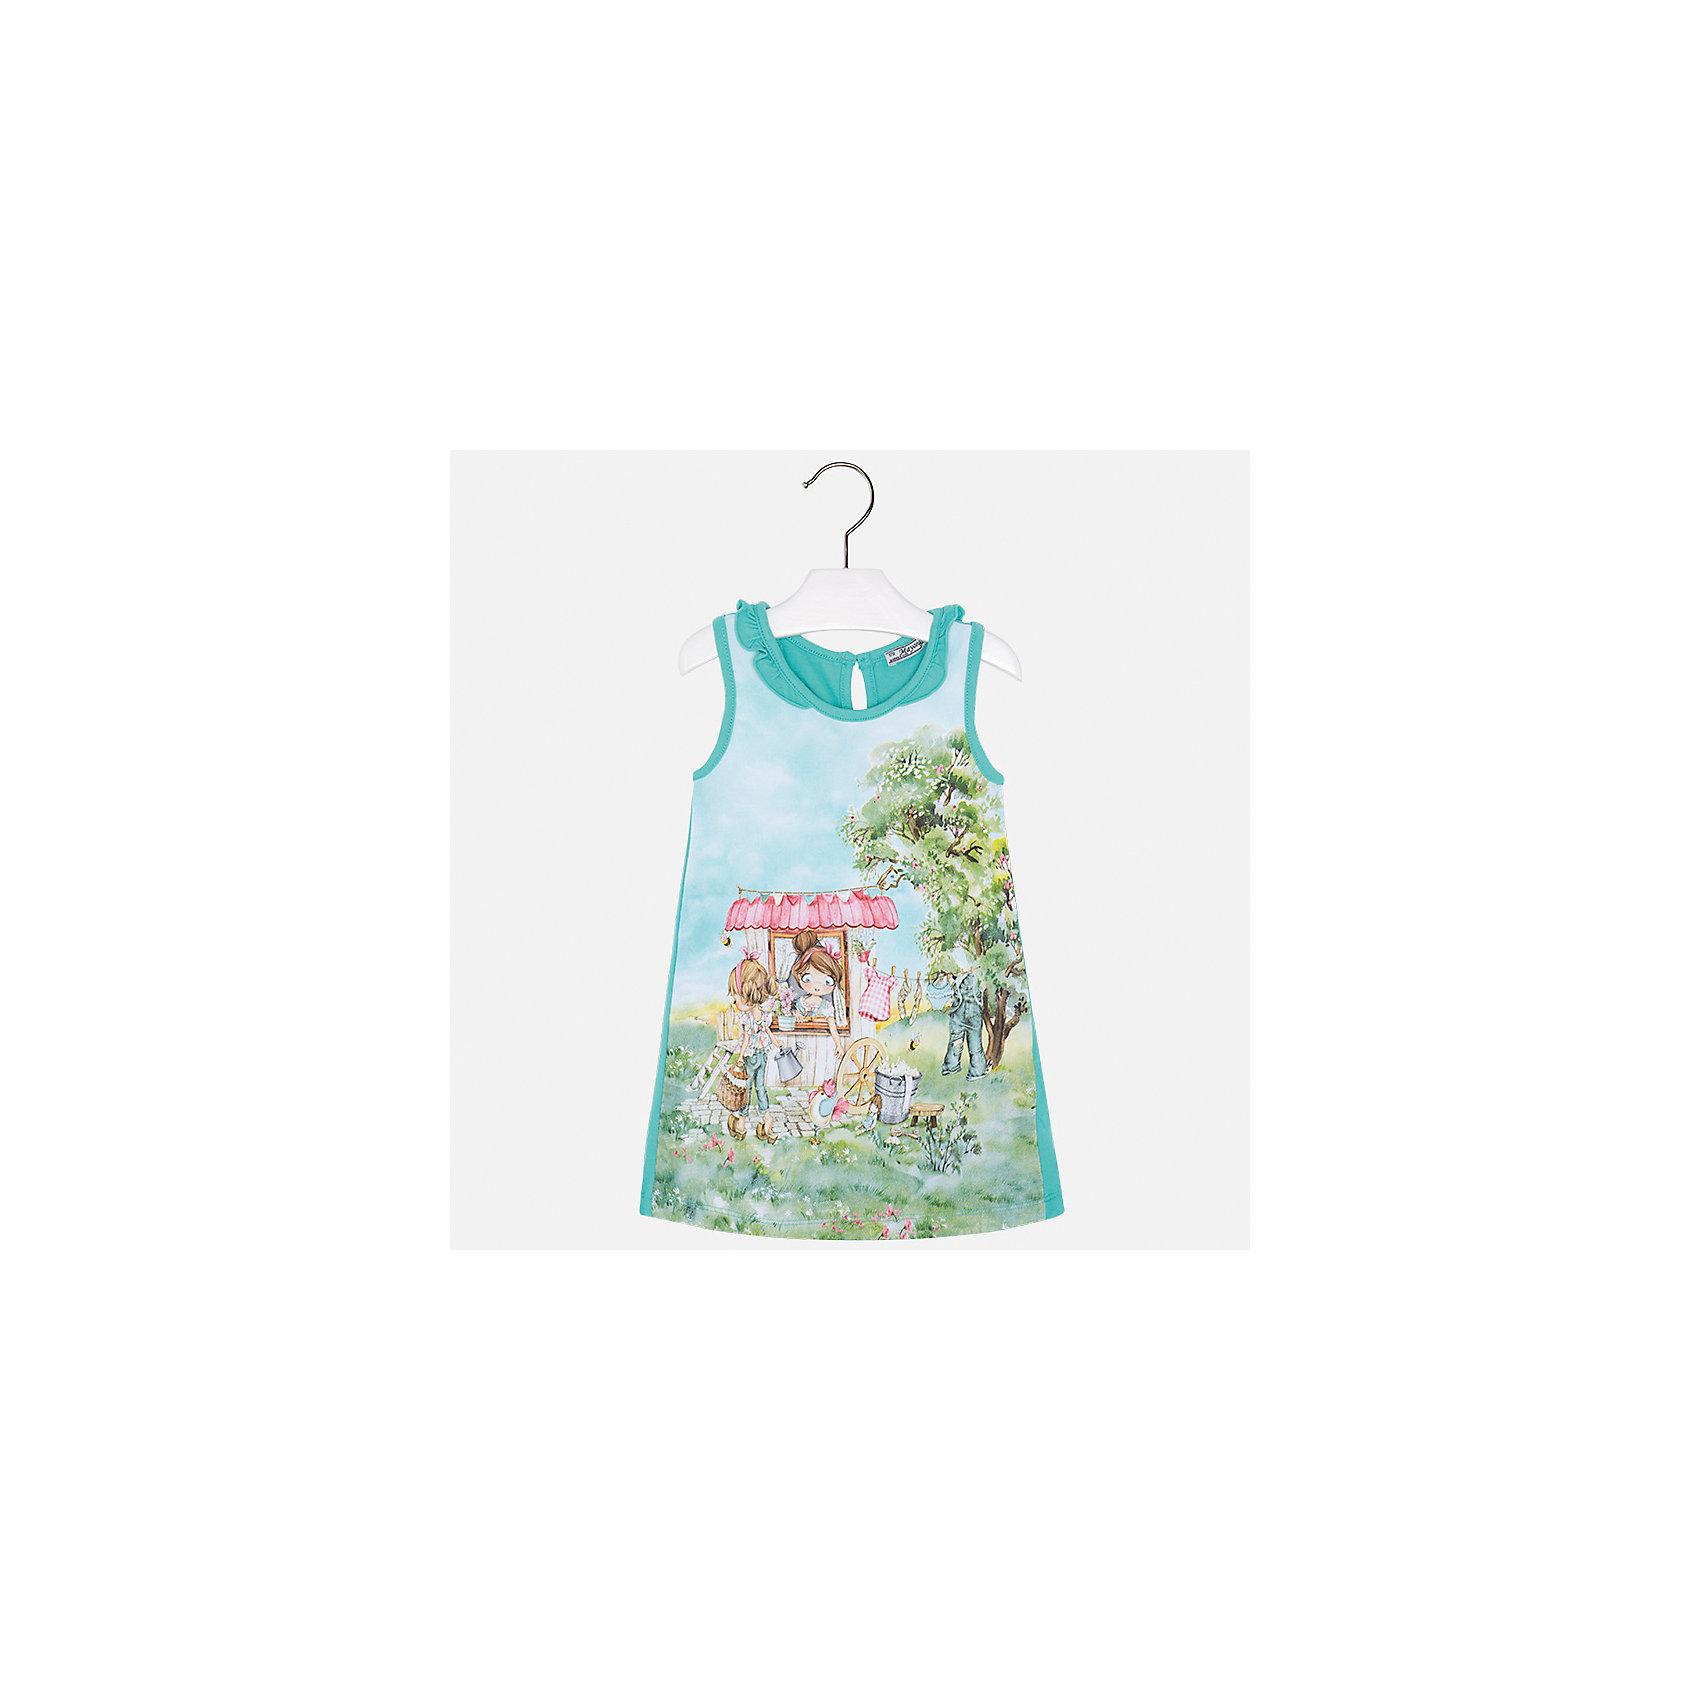 Платье для девочки MayoralЛетние платья и сарафаны<br>Характеристики товара:<br><br>• цвет: зеленый<br>• состав: 95% хлопок, 5% эластан<br>• застежка: пуговица<br>• комбинированный материал<br>• без рукавов<br>• декорировано принтом<br>• страна бренда: Испания<br><br>Стильное платье для девочки поможет разнообразить гардероб ребенка и создать эффектный наряд. Оно подойдет для различных случаев. Красивый оттенок позволяет подобрать к вещи обувь разных расцветок. Платье хорошо сидит по фигуре. В составе материала - натуральный хлопок, гипоаллергенный, приятный на ощупь, дышащий.<br><br>Одежда, обувь и аксессуары от испанского бренда Mayoral полюбились детям и взрослым по всему миру. Модели этой марки - стильные и удобные. Для их производства используются только безопасные, качественные материалы и фурнитура. Порадуйте ребенка модными и красивыми вещами от Mayoral! <br><br>Платье для девочки от испанского бренда Mayoral (Майорал) можно купить в нашем интернет-магазине.<br><br>Ширина мм: 236<br>Глубина мм: 16<br>Высота мм: 184<br>Вес г: 177<br>Цвет: синий<br>Возраст от месяцев: 24<br>Возраст до месяцев: 36<br>Пол: Женский<br>Возраст: Детский<br>Размер: 98,134,92,104,110,116,122,128<br>SKU: 5300663